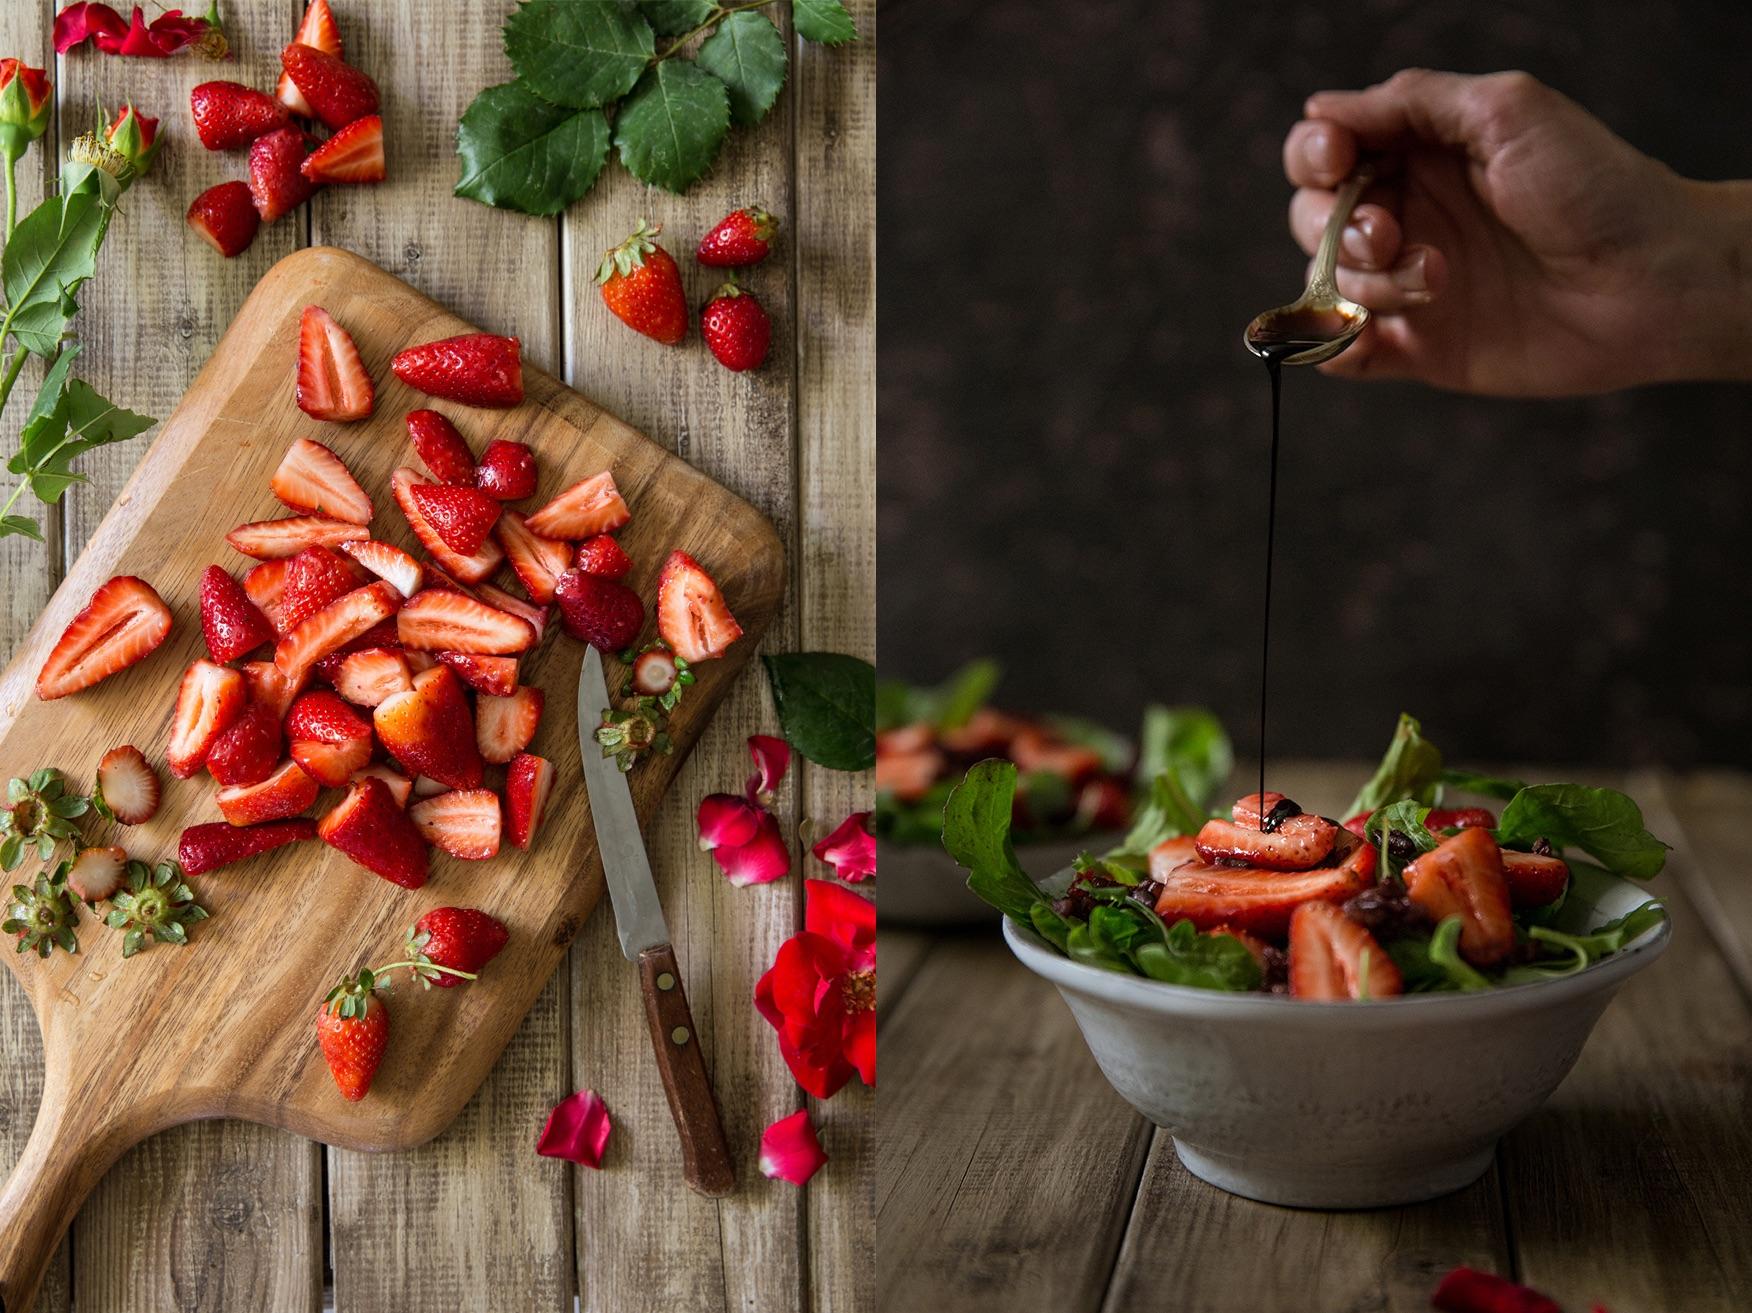 אמנות המטבח הבריא